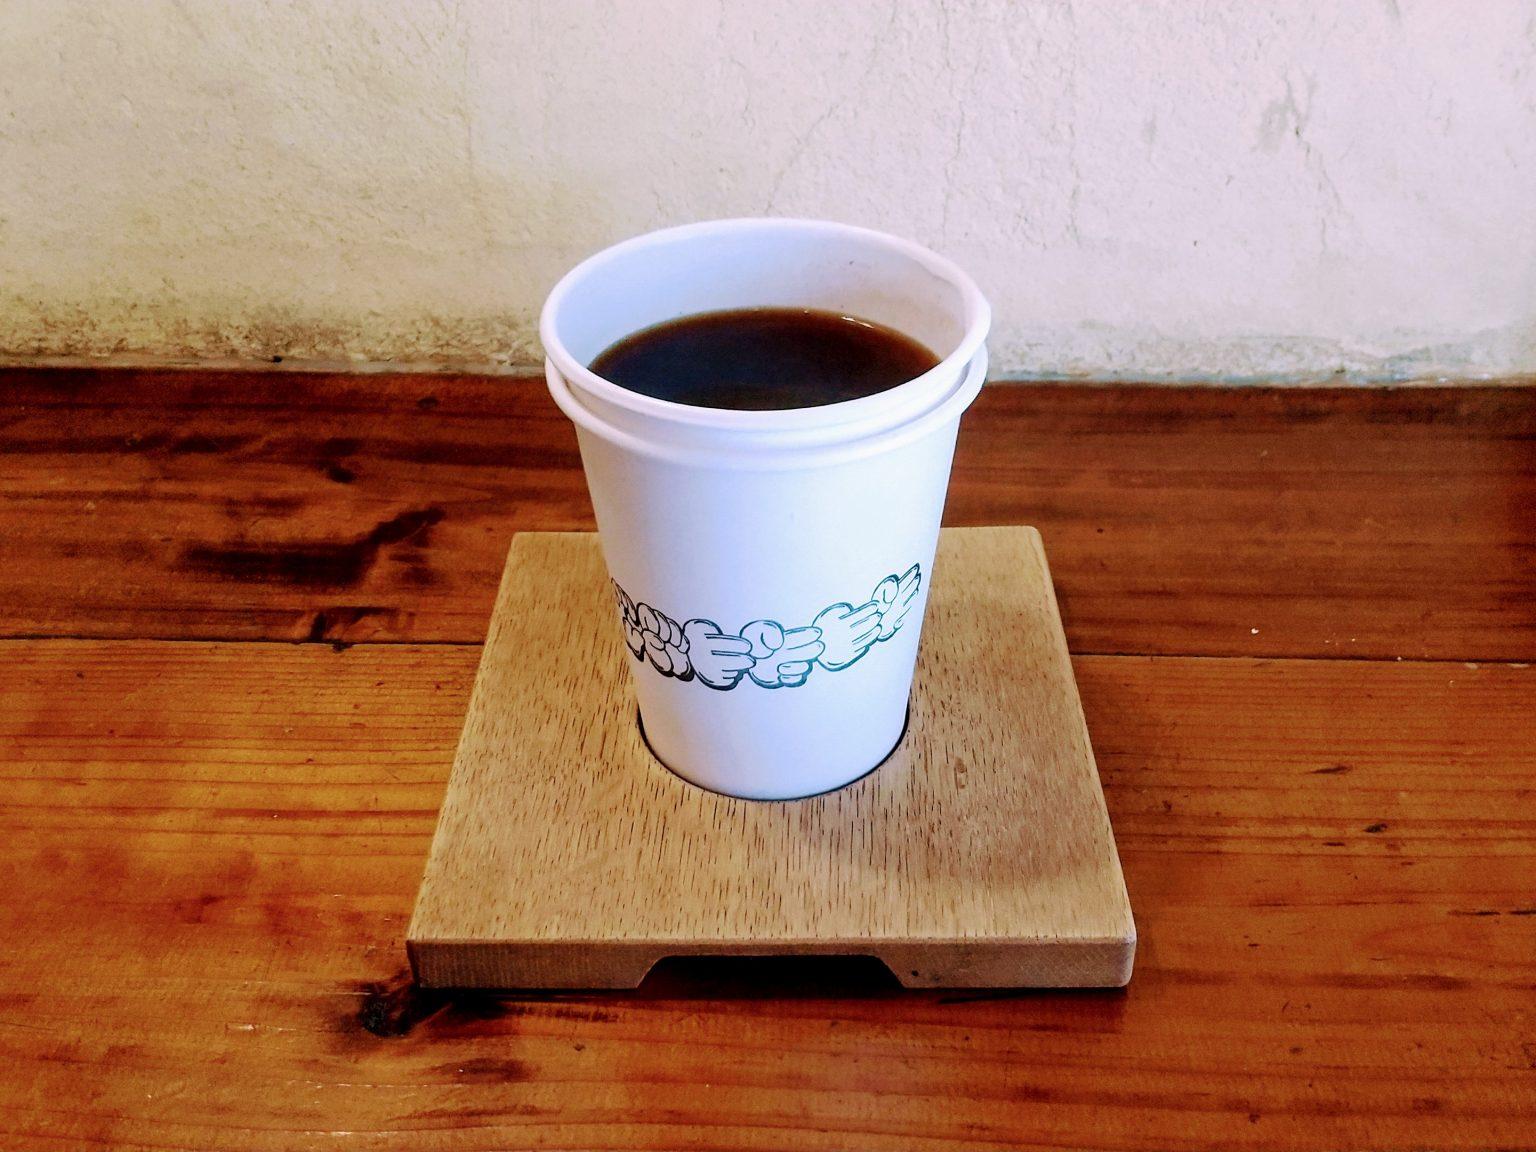 エチオピア コーヒー 壁側での撮影